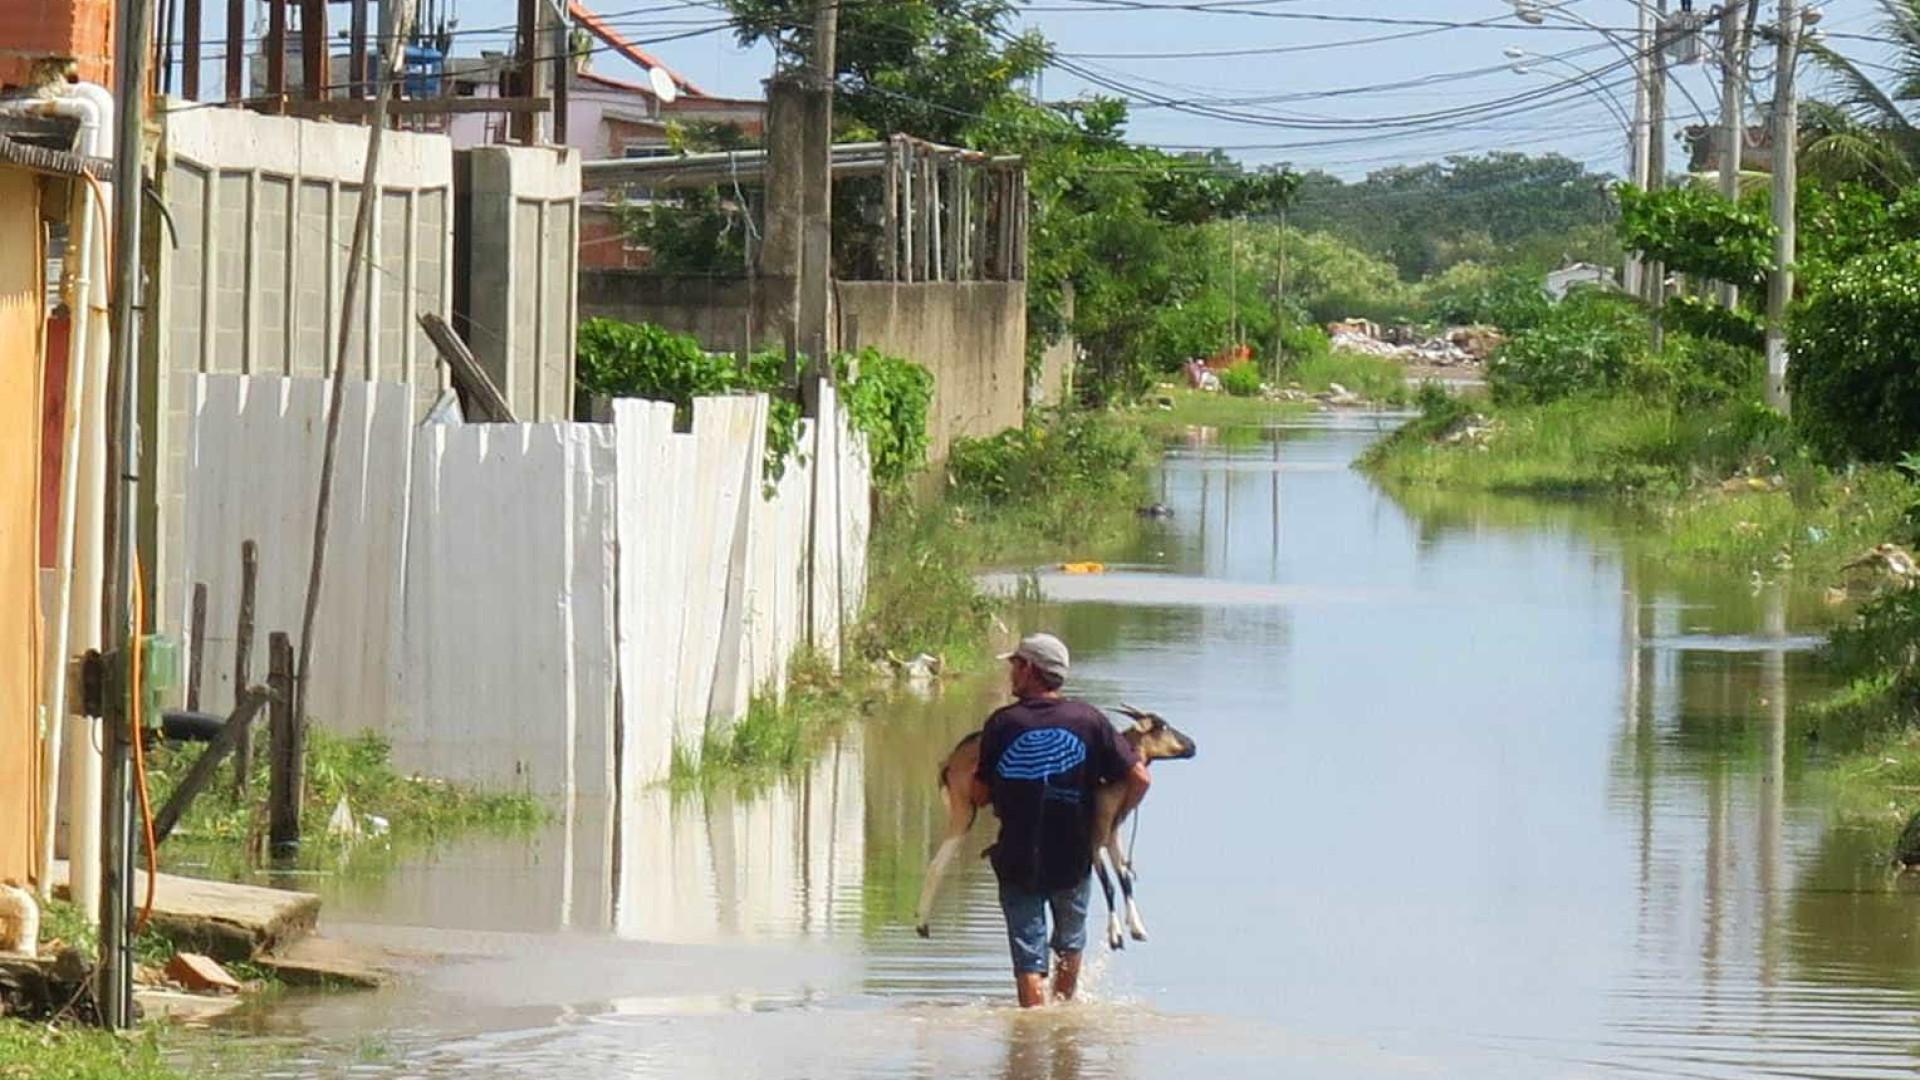 Para Crivella, sistema de drenagem 'suportou chuva' no Rio